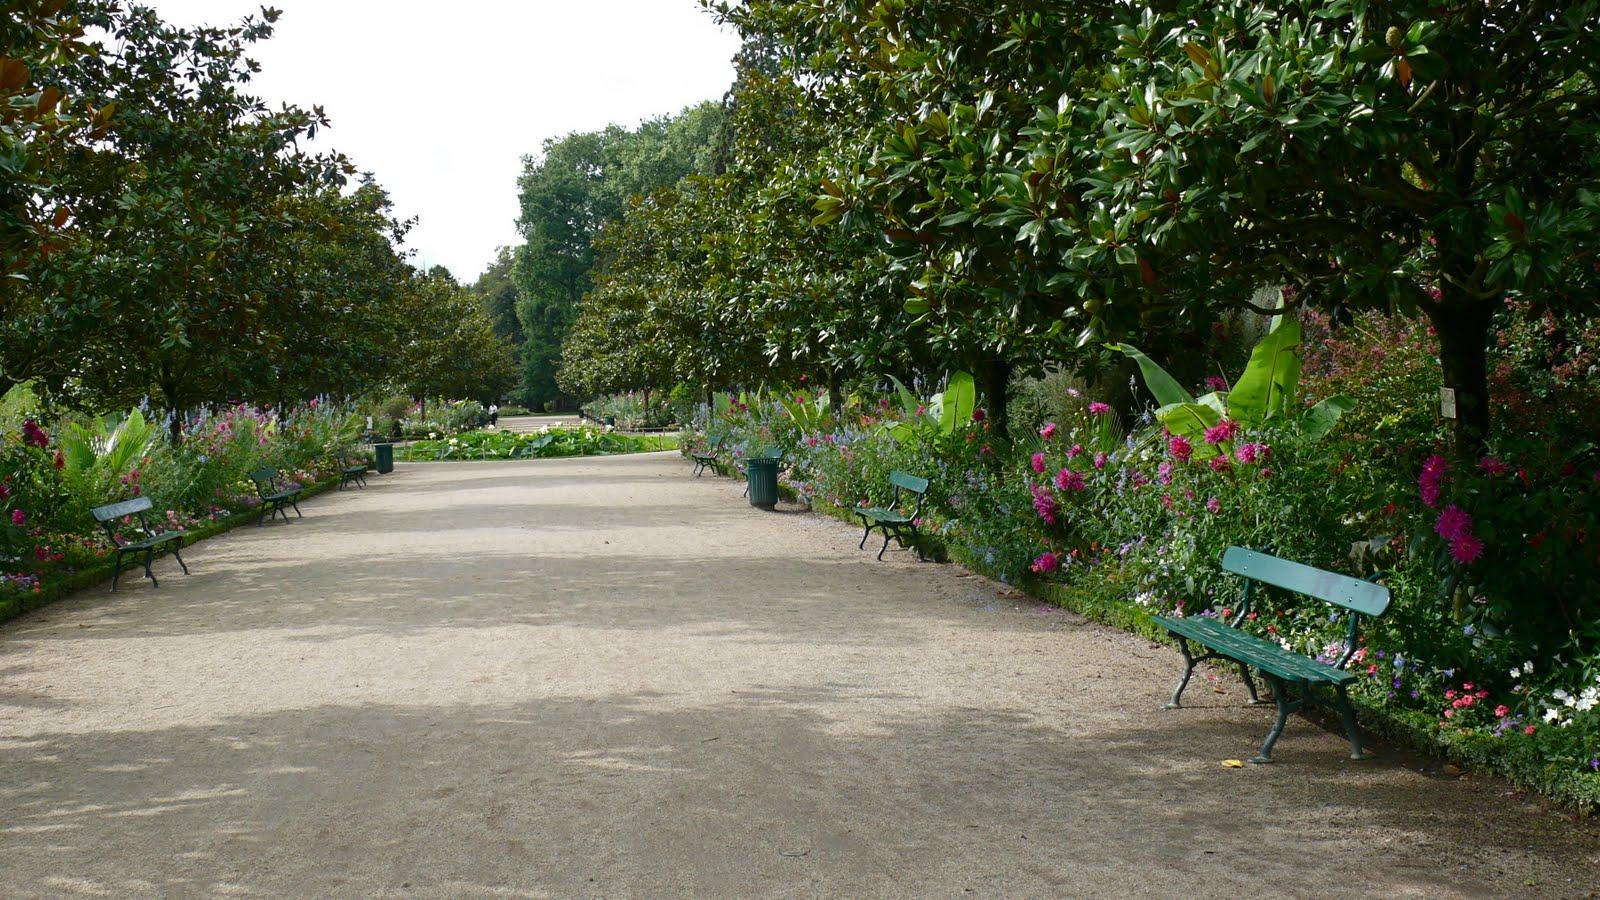 Fran ois gustin nature hd jardin botanique de tours for Jardin botanique tours